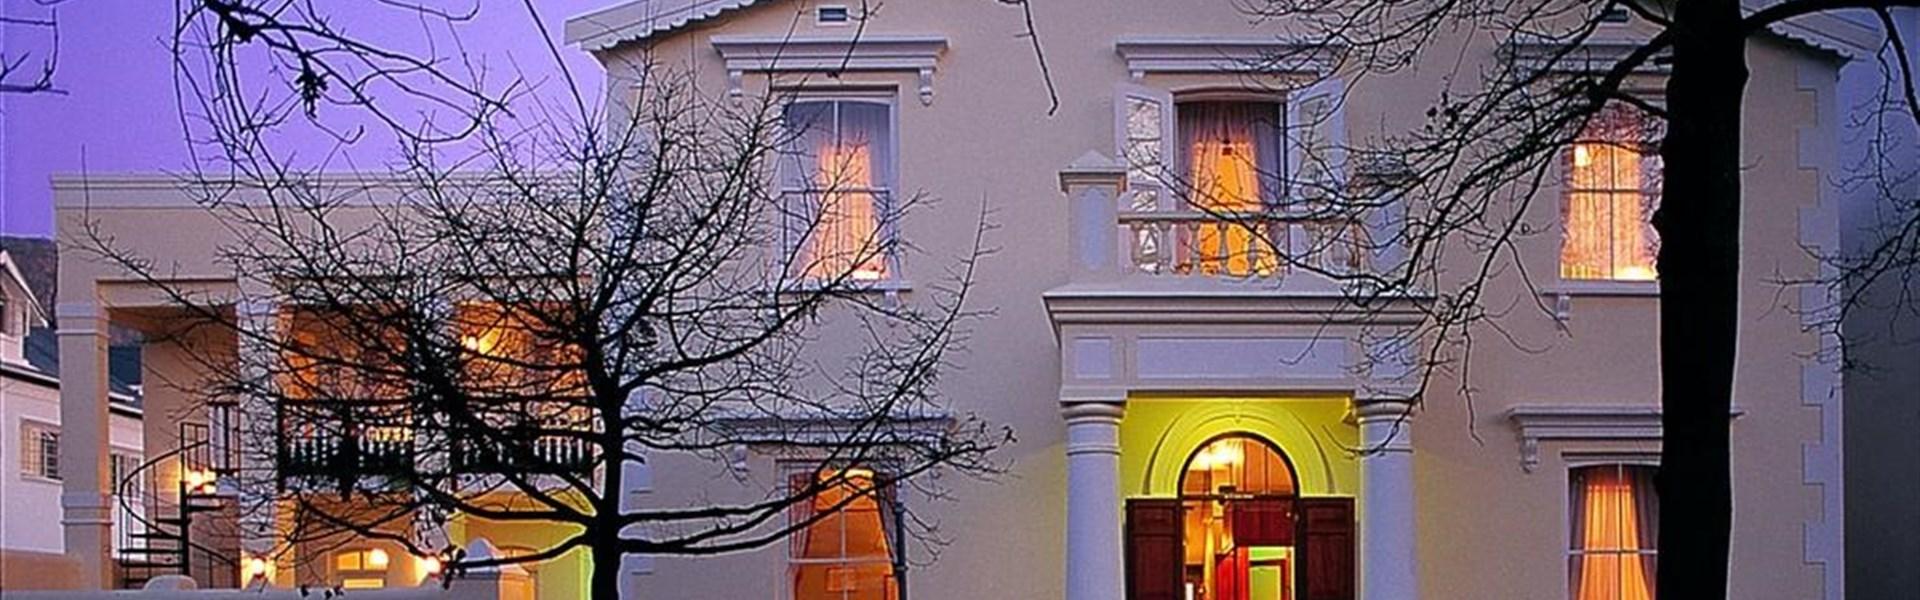 Marco Polo - Eendracht Stellenbosch - Eendracht Stellenbosch je rekonstruovaná historická budova nedaleko centra Stellenbosche.